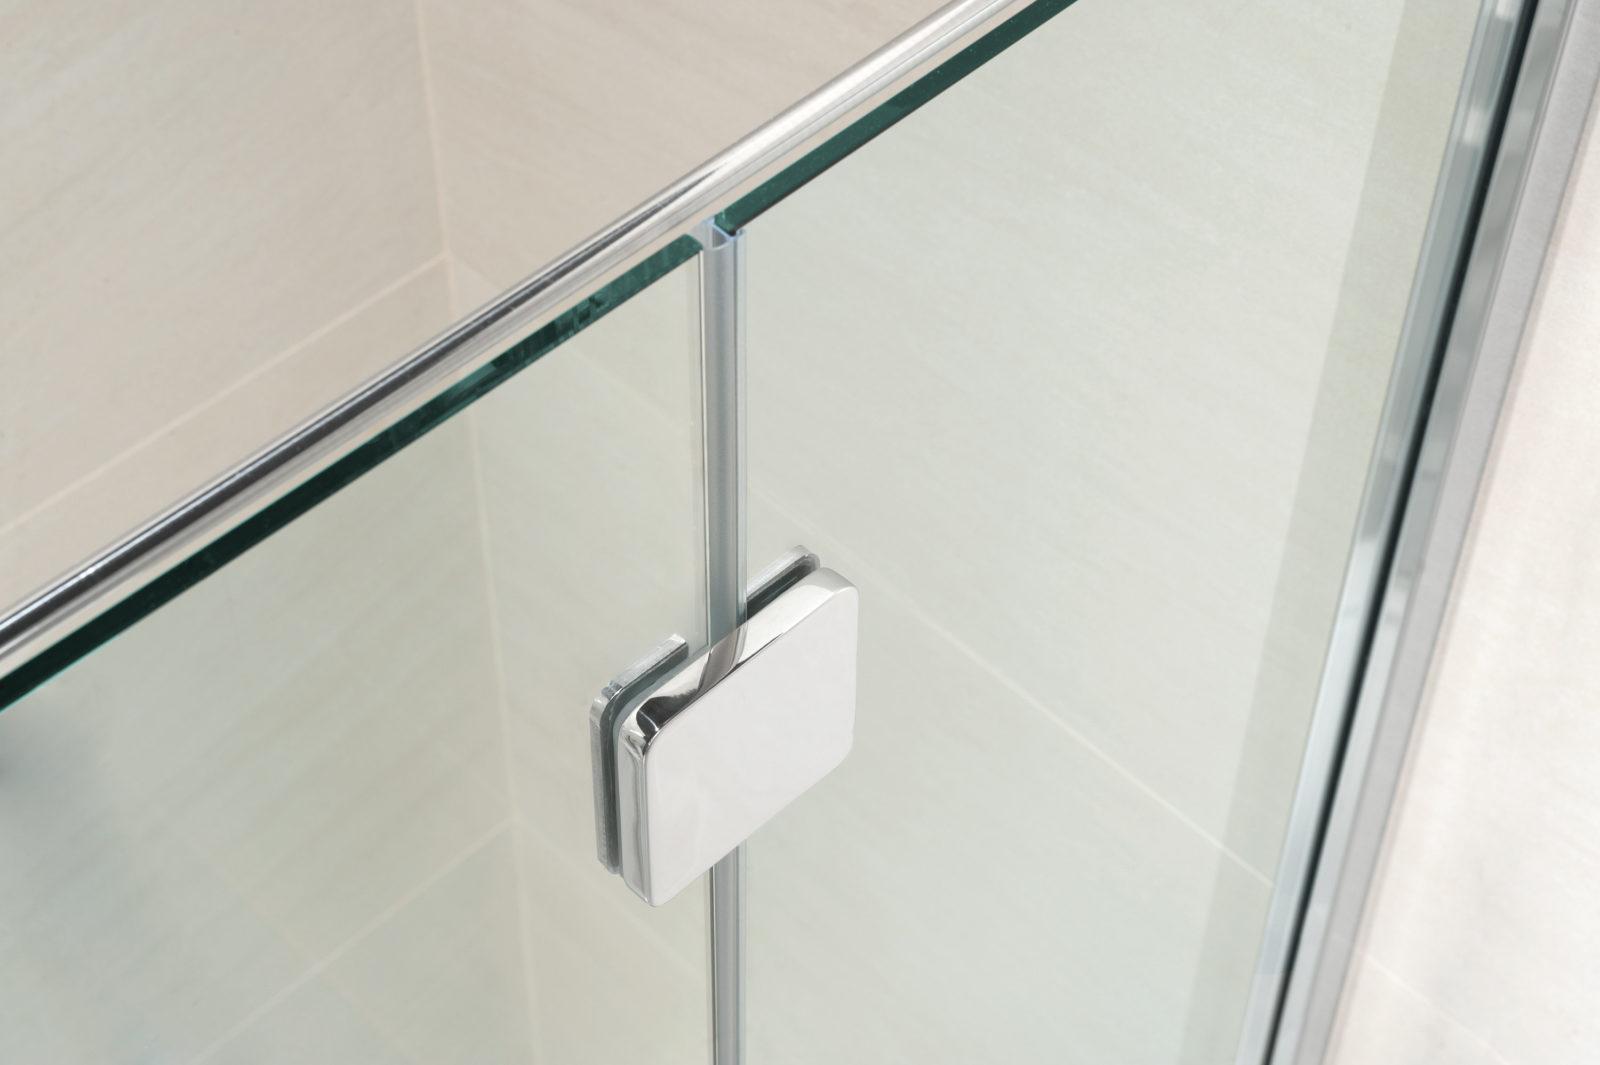 Cabine de douche 3 cotes avec porte lat ral silis calibe - Cabine de douche 3 cotes vitres ...